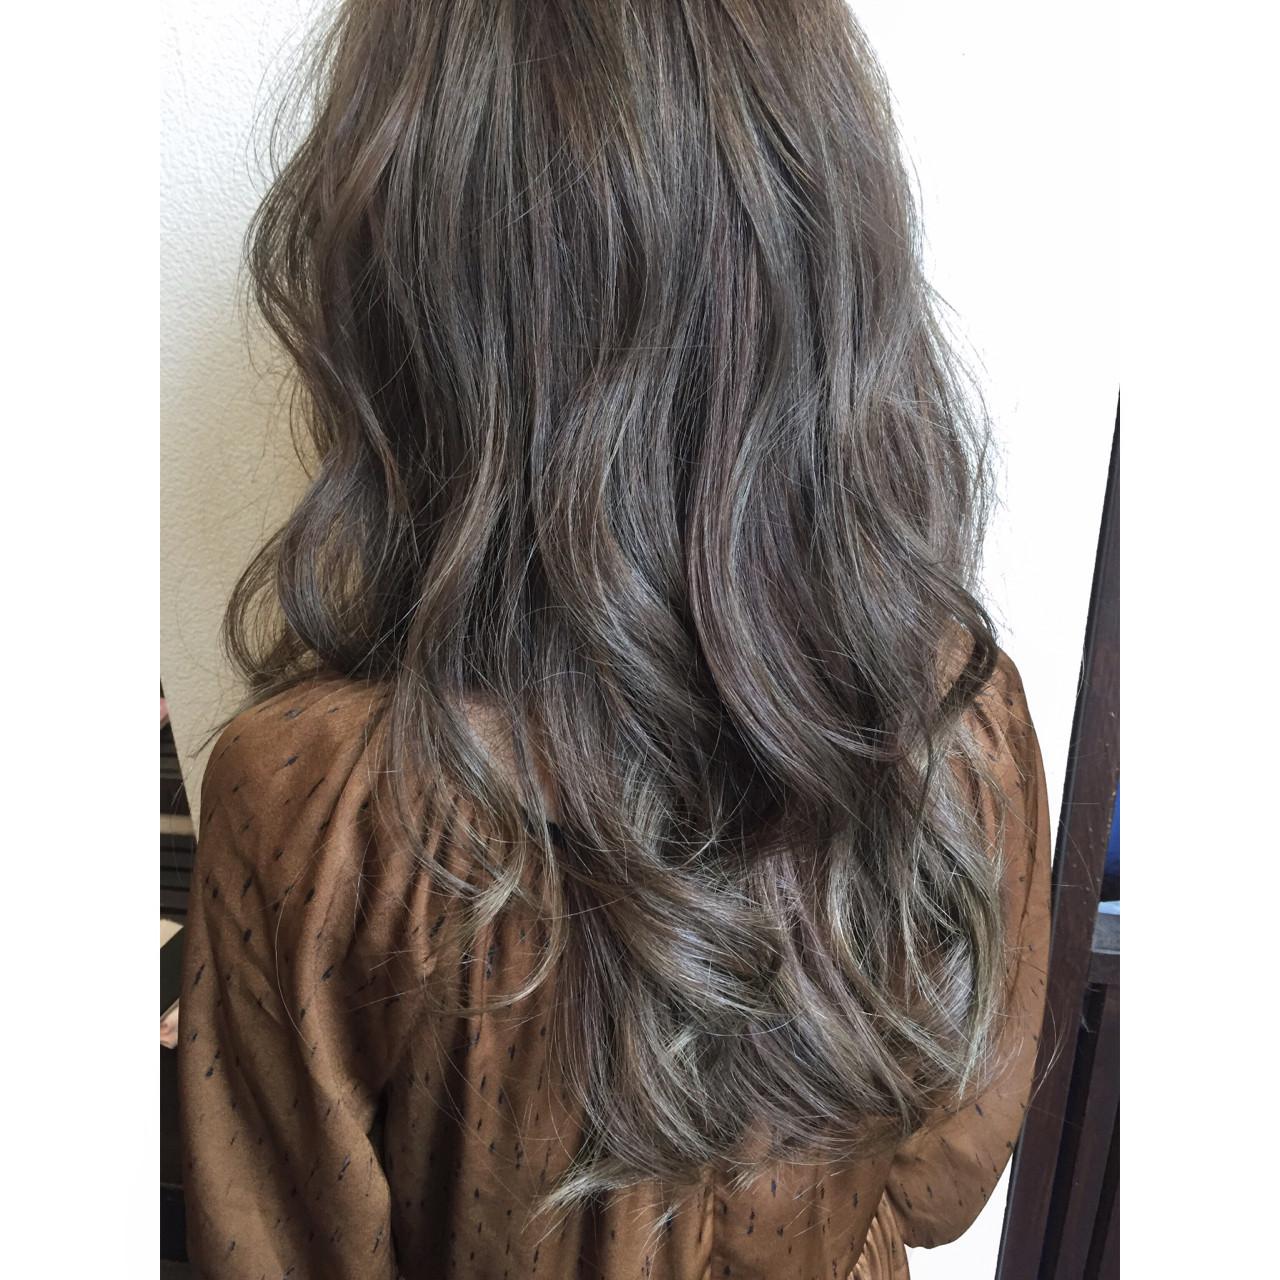 ロング ブルーアッシュ フェミニン 暗髪 ヘアスタイルや髪型の写真・画像